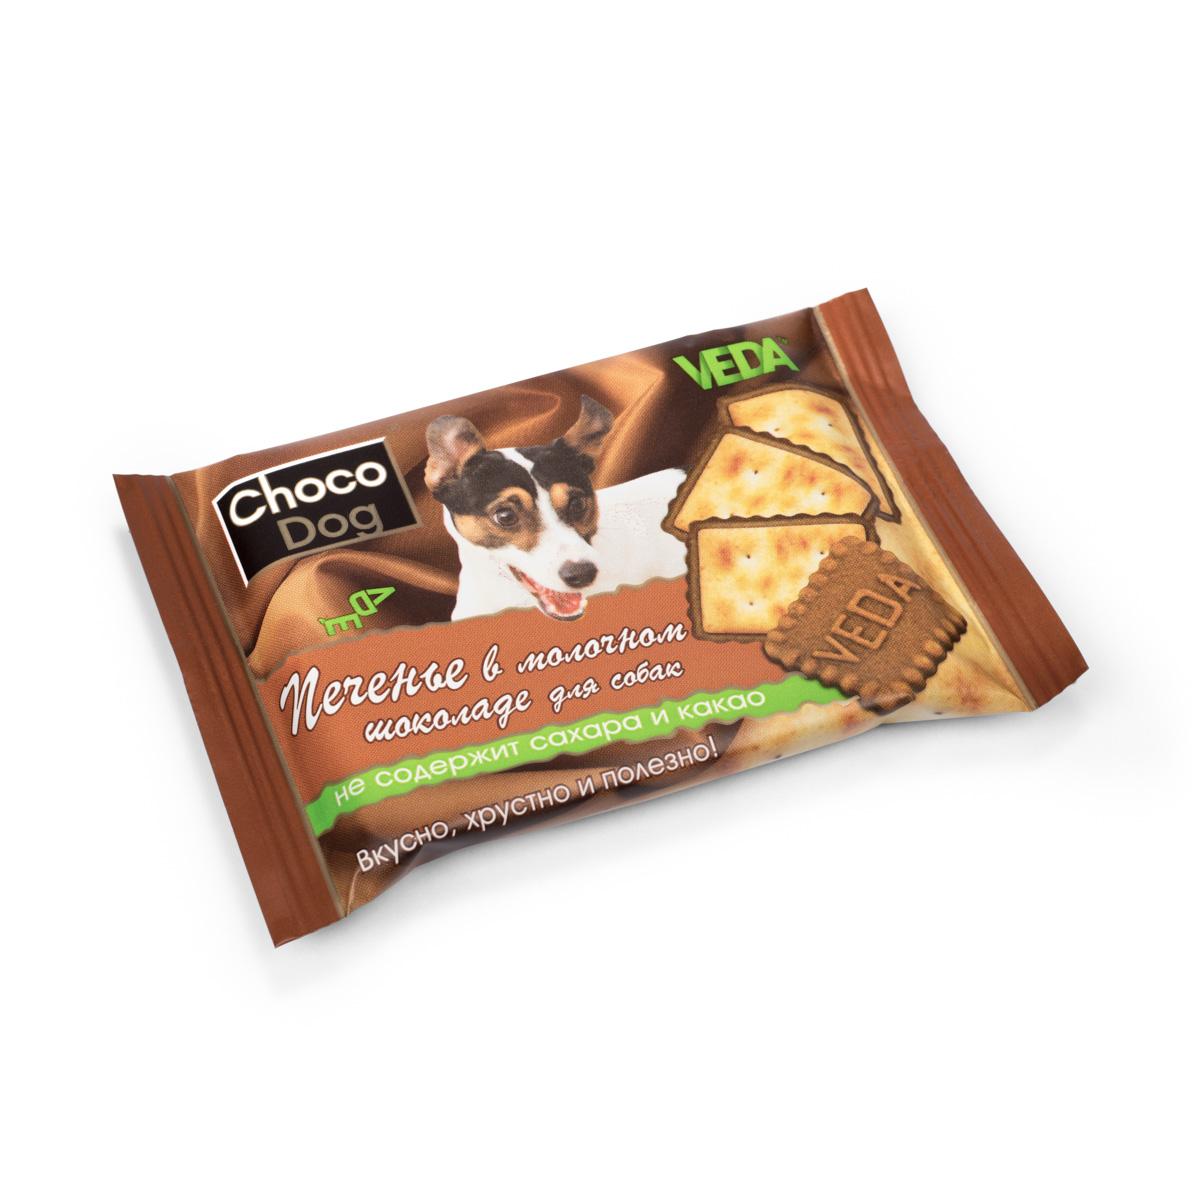 Choco Dog печенье в молочном шоколаде лакомство для собак в шоу-боксе, 14х30г4605543006654Лакомства содержат натуральные ингредиенты, богатые биологически активными веществами, витаминами, макро и микроэлементами.В состав темного шоколада входит альбумин, который содержит специально подготовленное железо, полностью усваиваемое организмом. Состав печенья в белом шоколаде разработан с учетом животных склонных к аллергическим реакциям.Печенье в молочном шоколаде содержит значительное количество молока, что благотворно влияет на формирование молодого организма.И шоколад и печенье разработаны с учетом физиологических особенностей собак, поэтому не содержат САХАР и КАКАО.